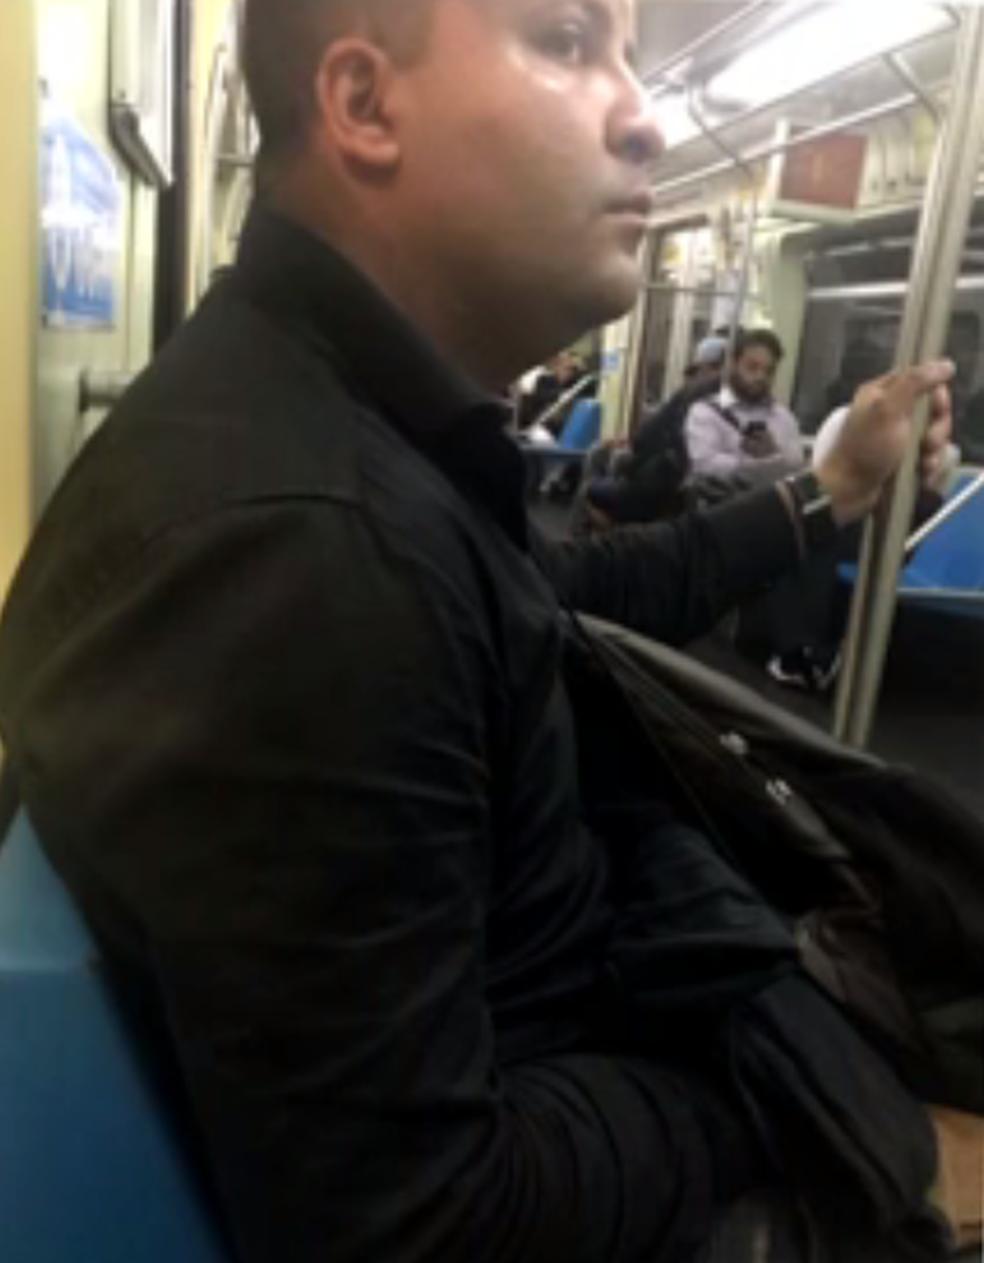 Cabo Thiago Xavier foi flagrado por passageira no metrô de São Paulo, SP (Foto: Reprodução/TV Globo )